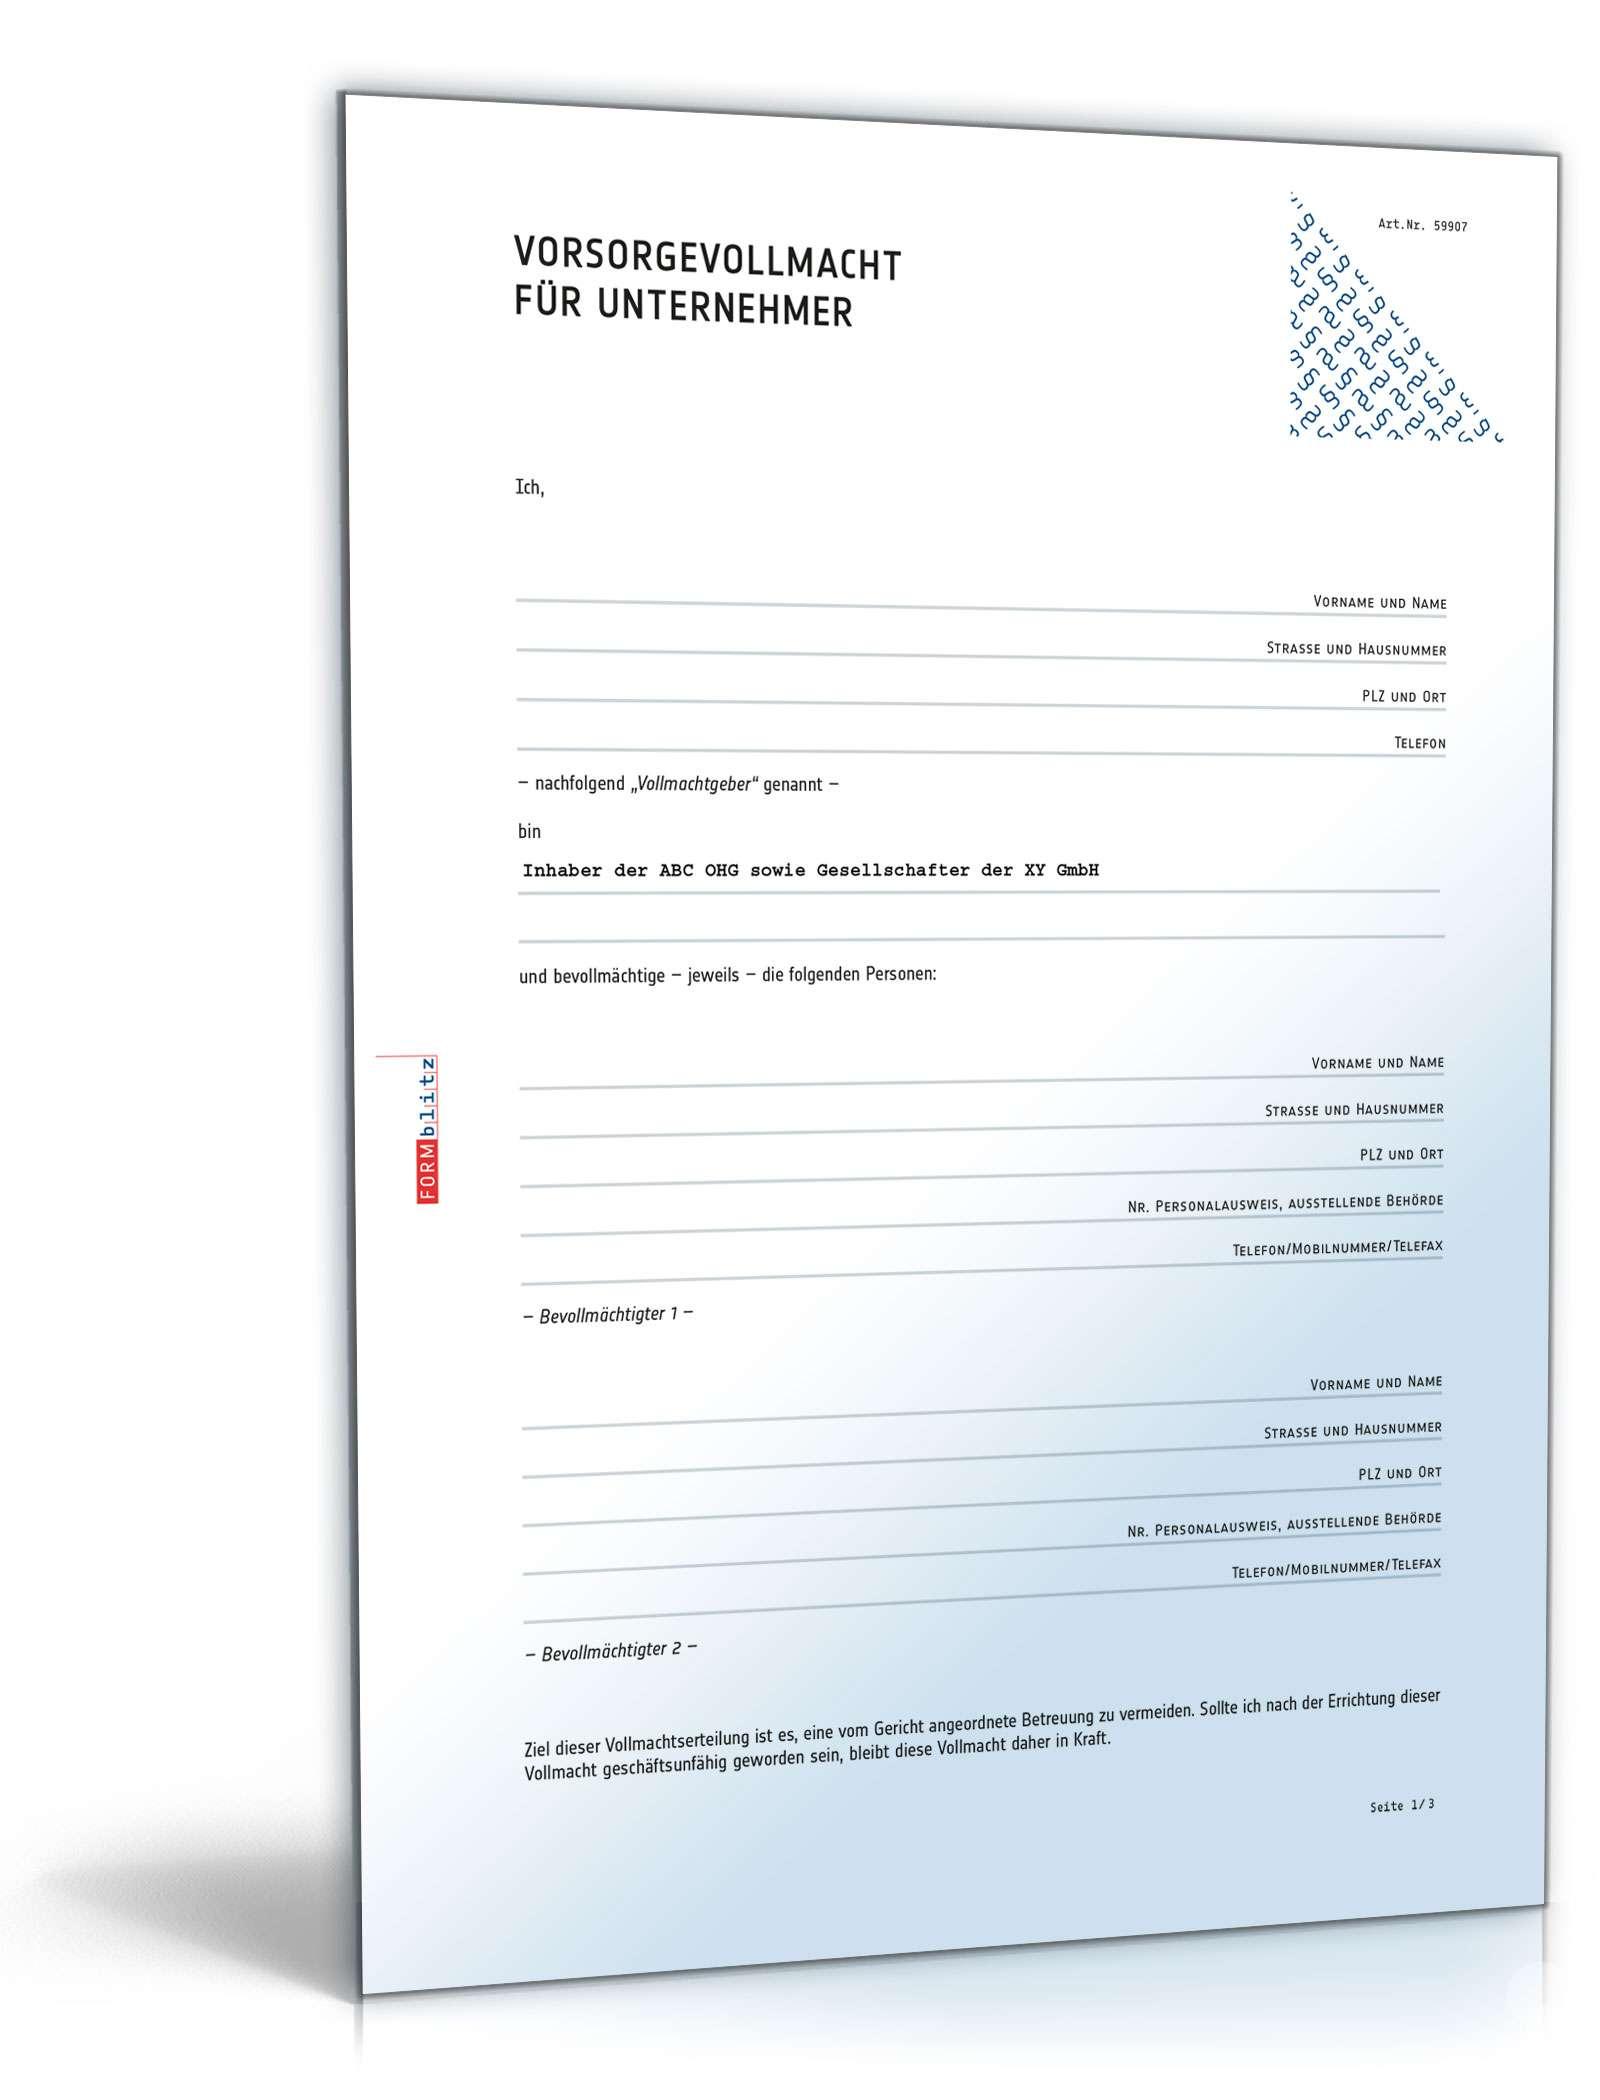 Vorsorgevollmacht Unternehmer Vorlage Zum Download